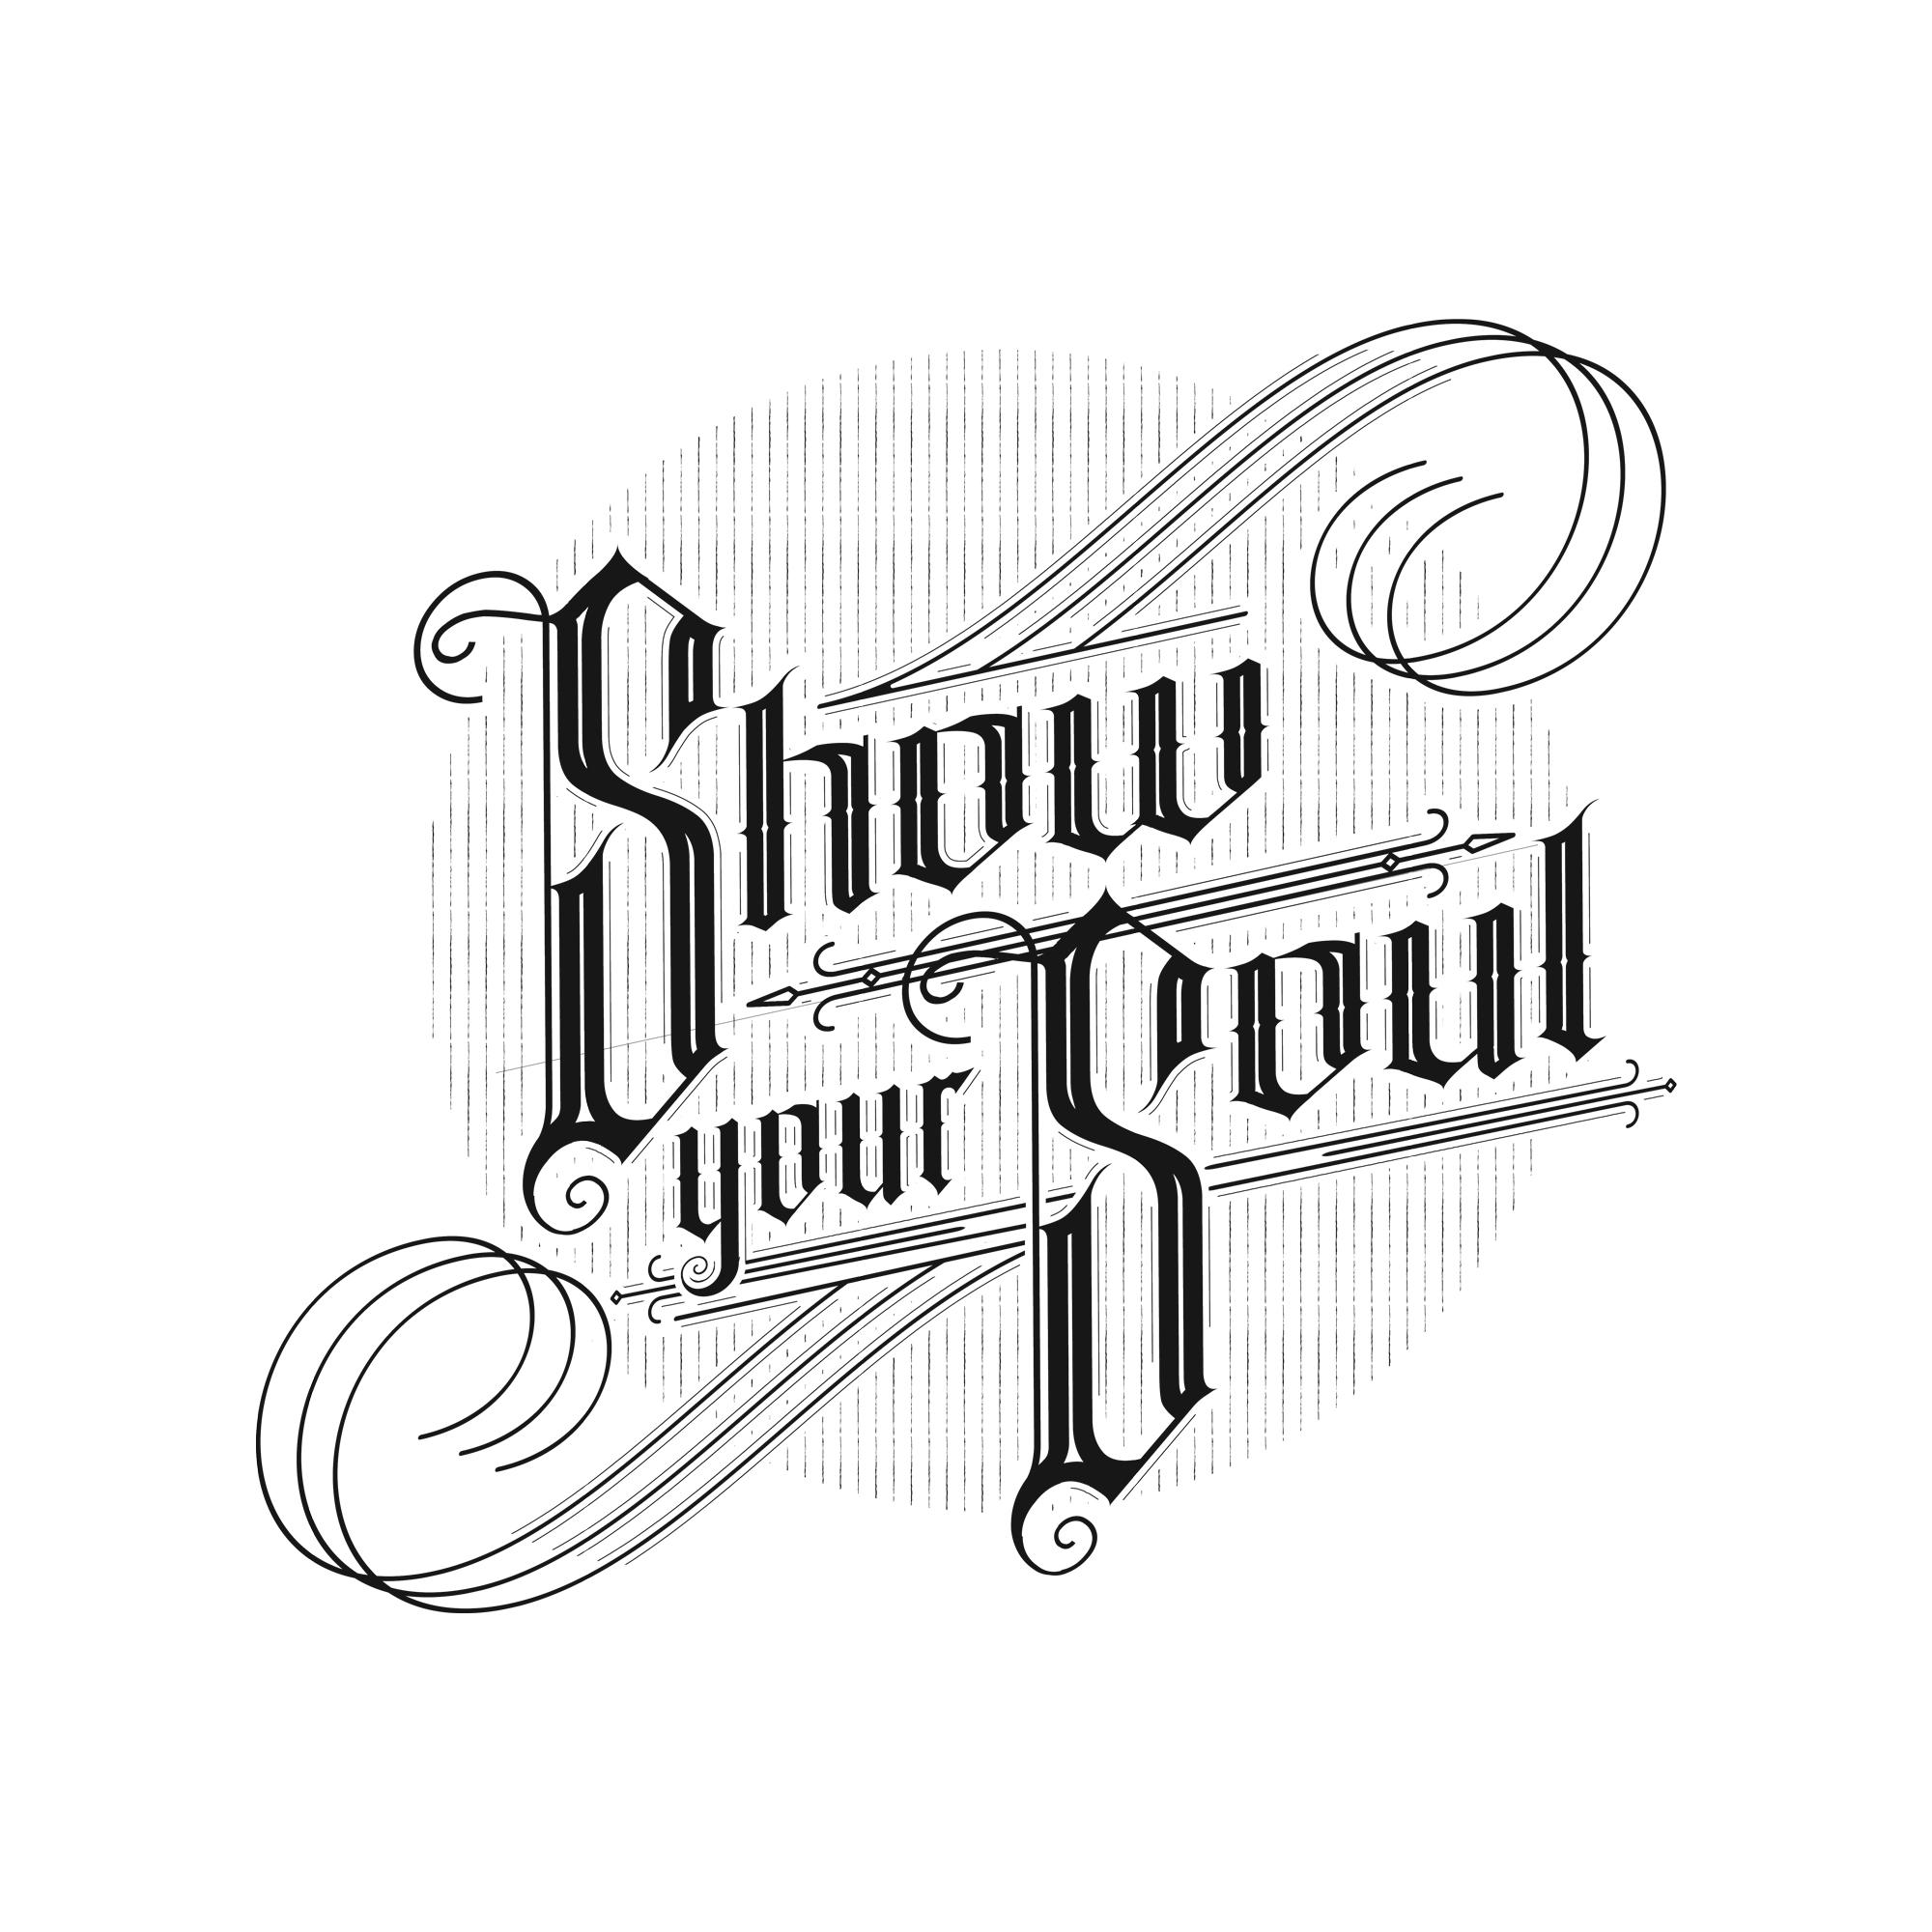 jz-show-your-soul-blk-wht-bg.jpg